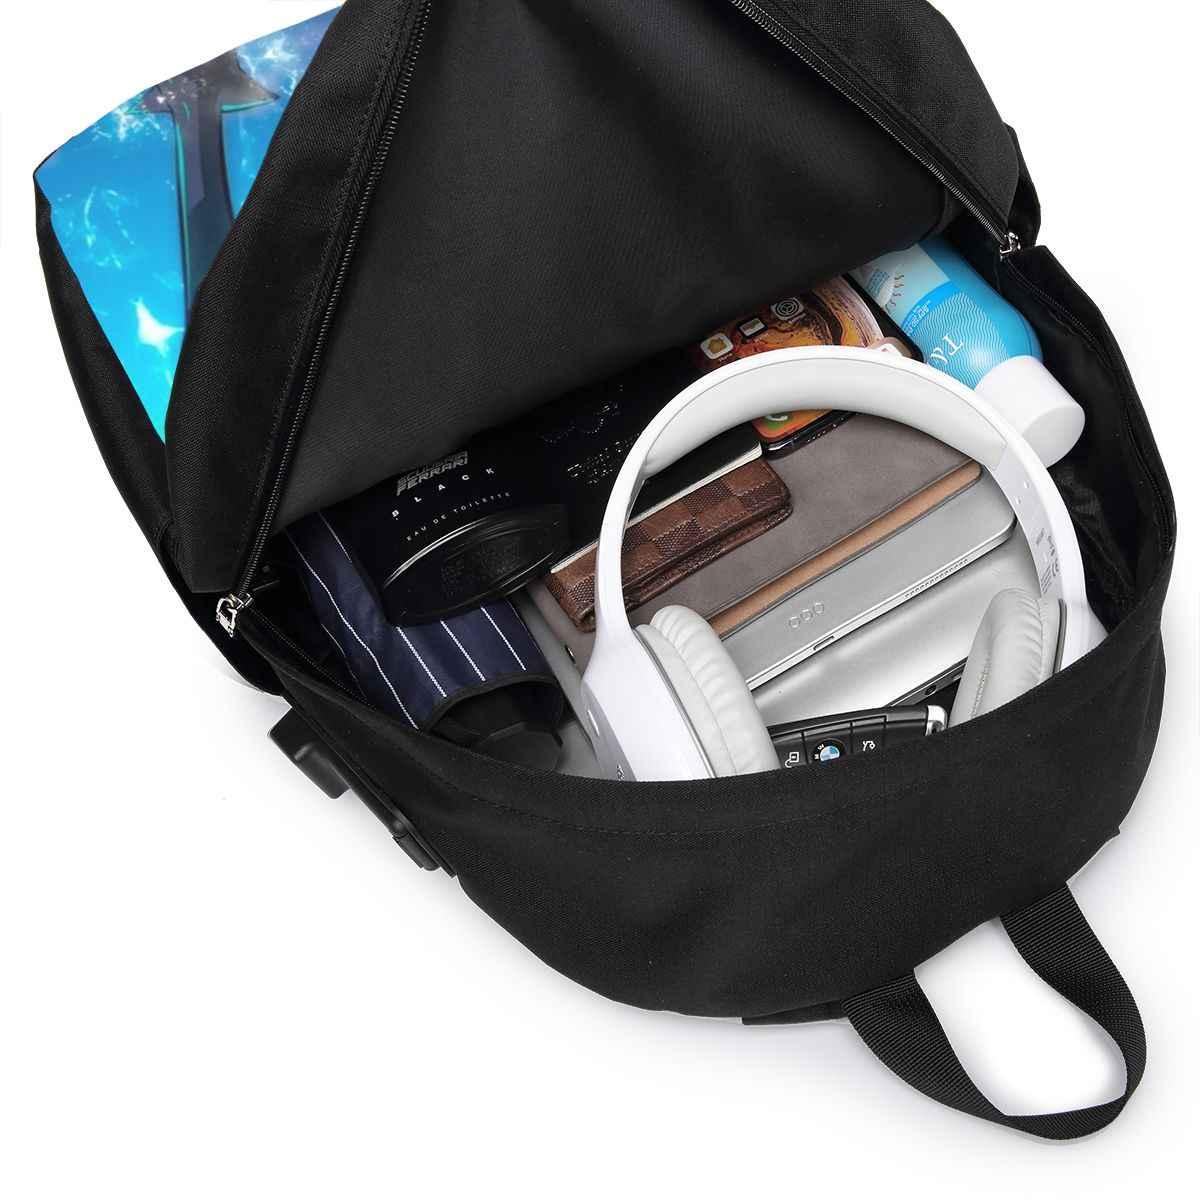 Pokemon Greninjaกระเป๋าเป้สะพายหลังPokemon Greninjaกระเป๋าเป้สะพายหลังวัยรุ่นกีฬายอดนิยมพิมพ์คุณภาพสูงกระเป๋า